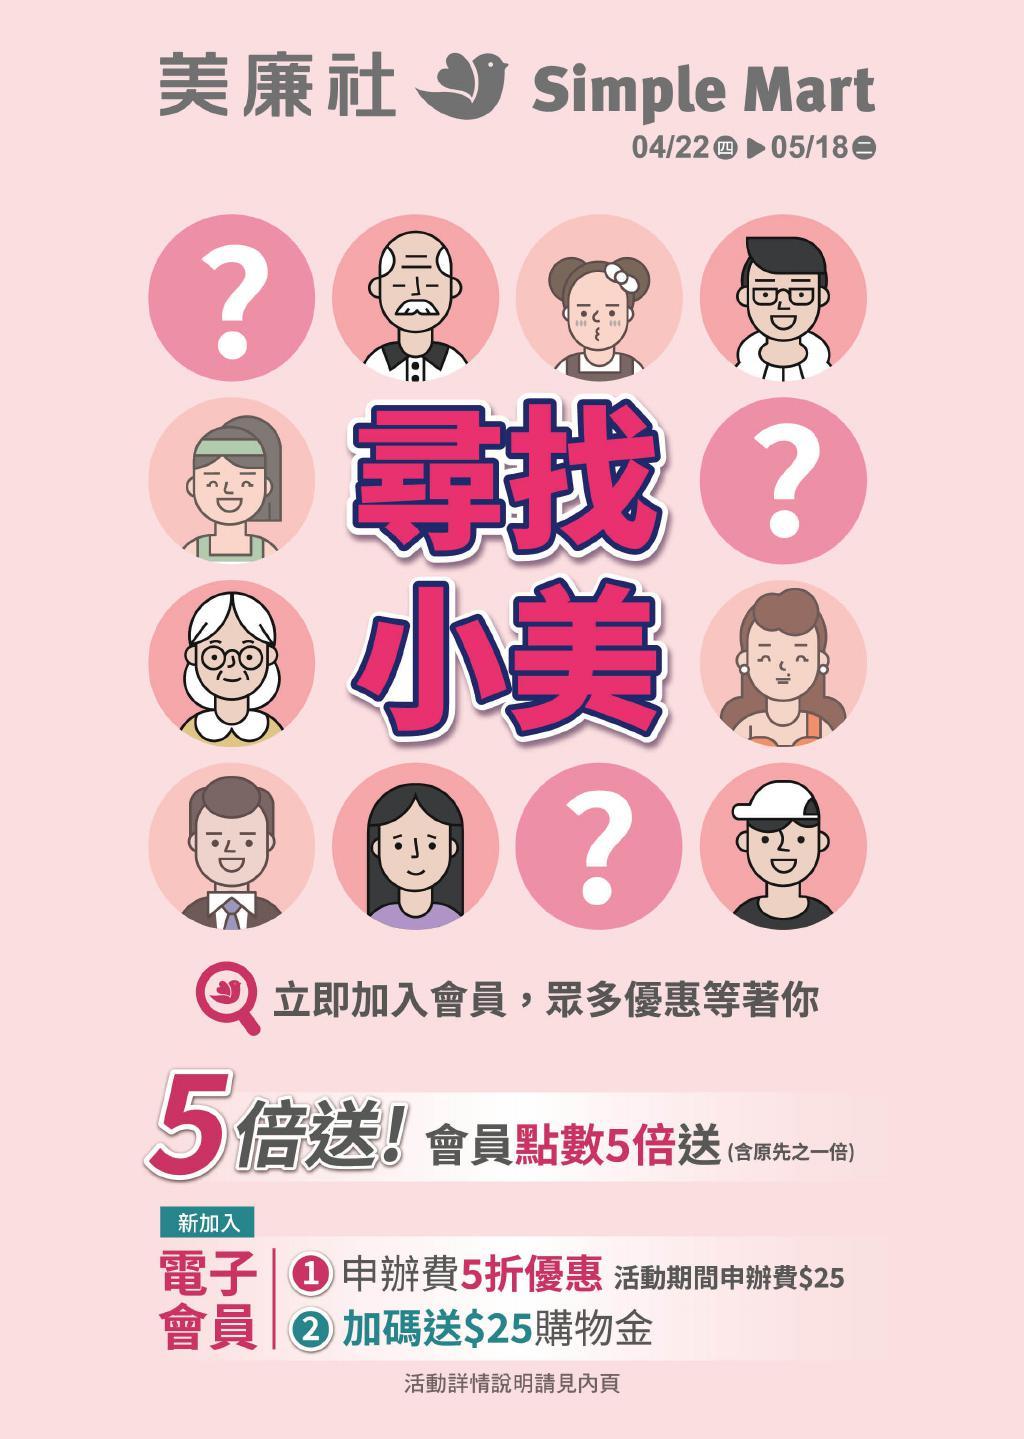 美廉社 DM  【2021/5/18 止】 促銷目錄、優惠內容